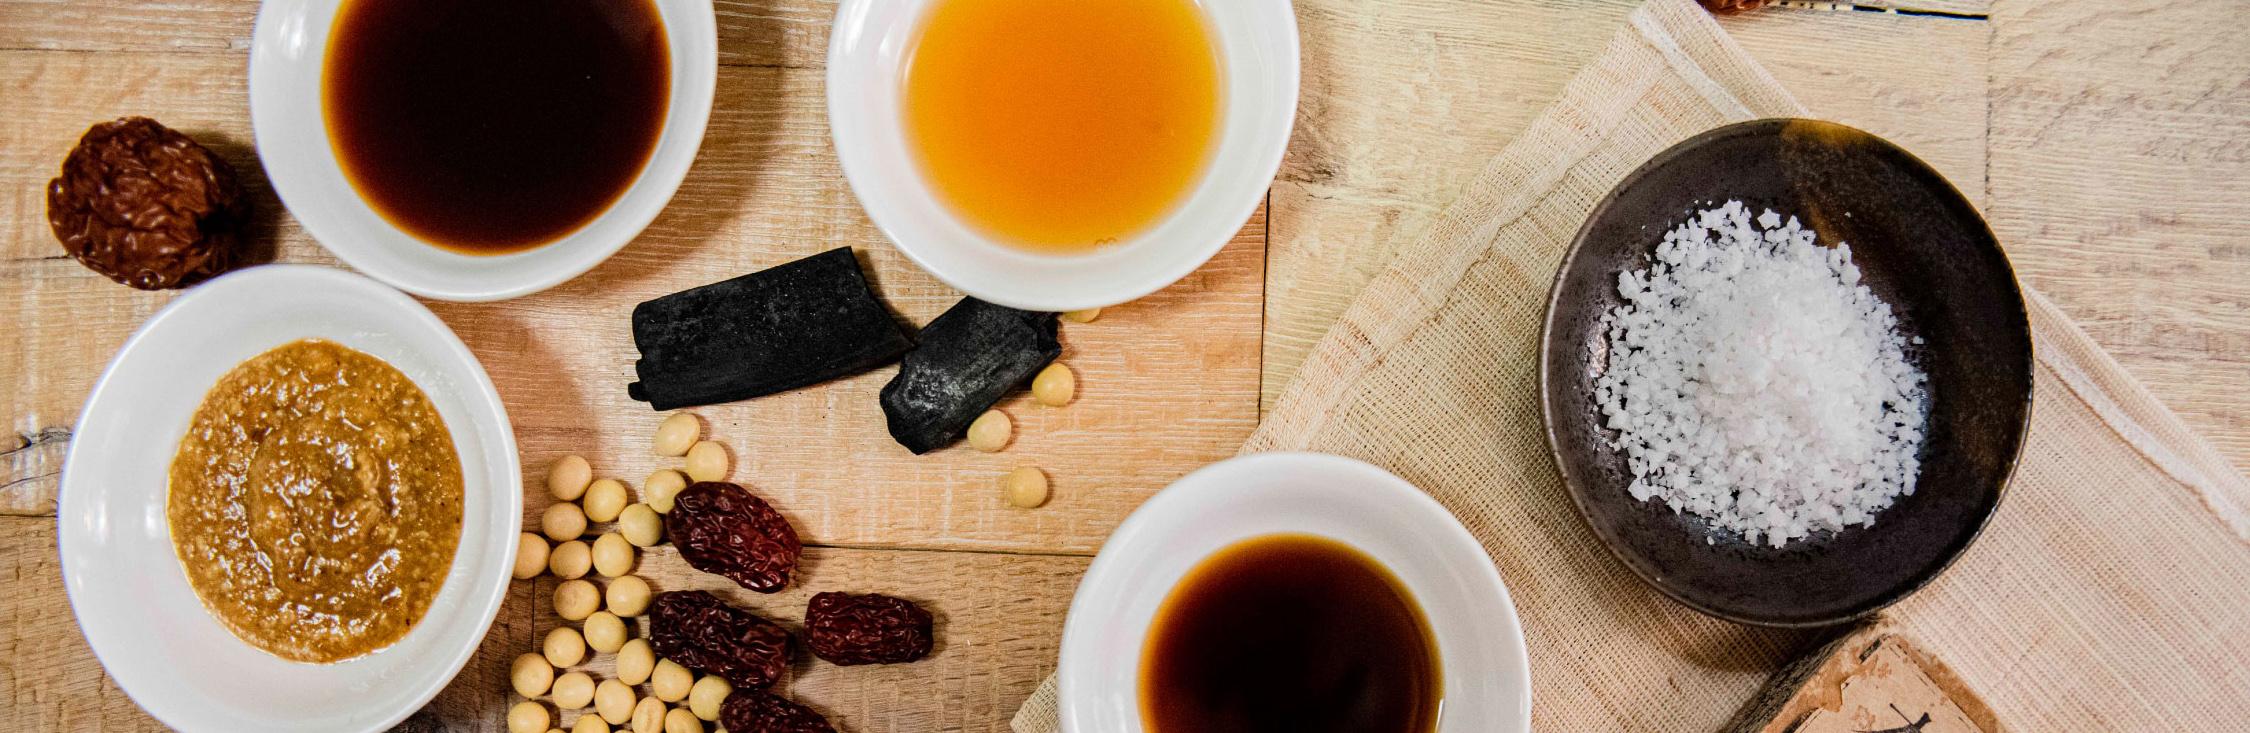 古代の天然菌で 無添加味噌 無農薬味噌 生天然味噌